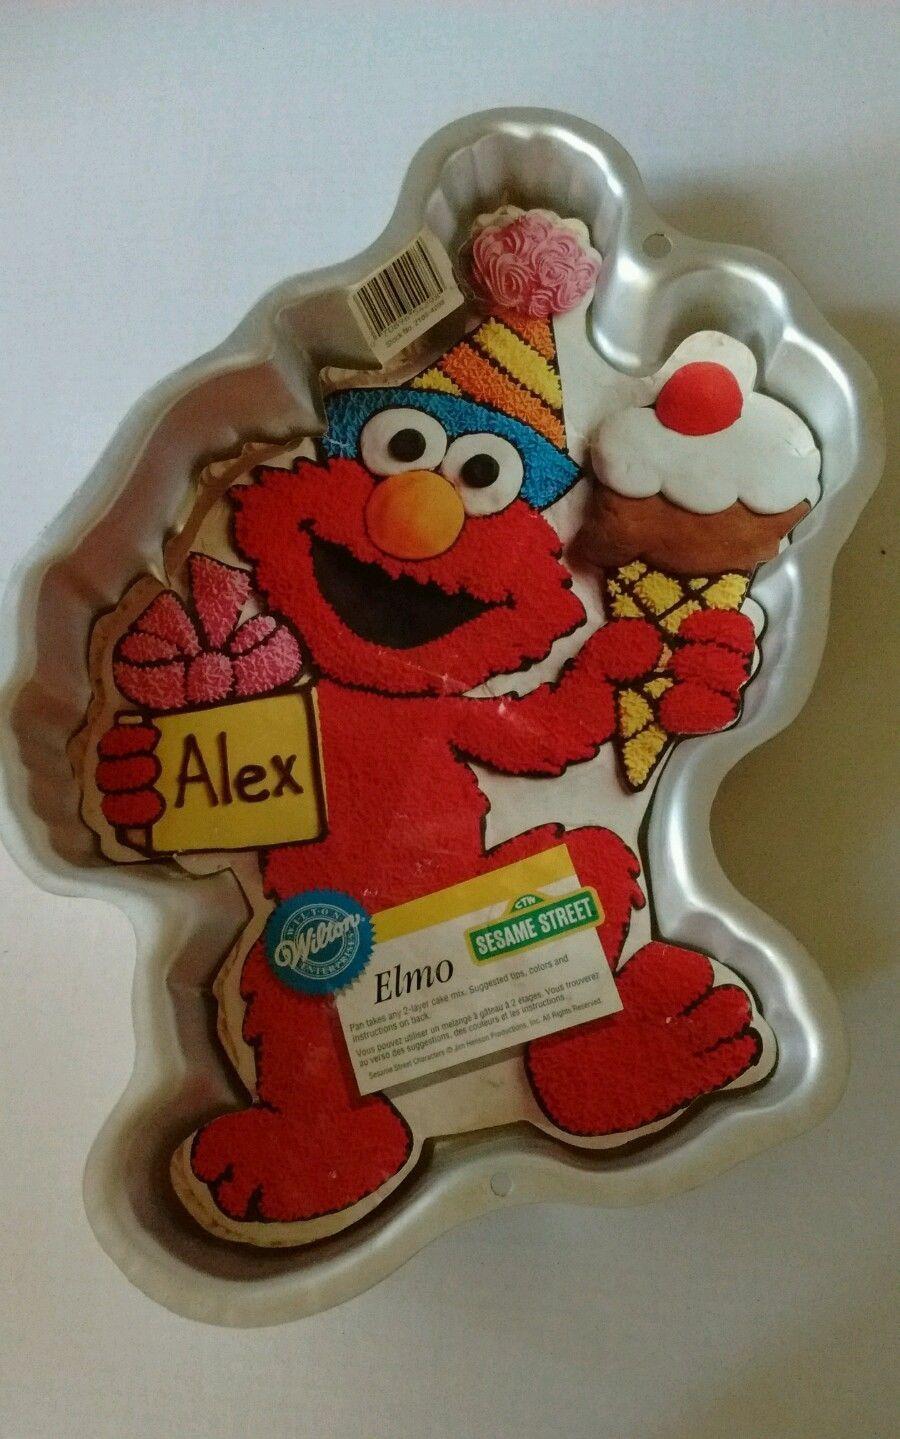 Wilton Sesame Street Elmo Body Cake Pan And 50 Similar Items